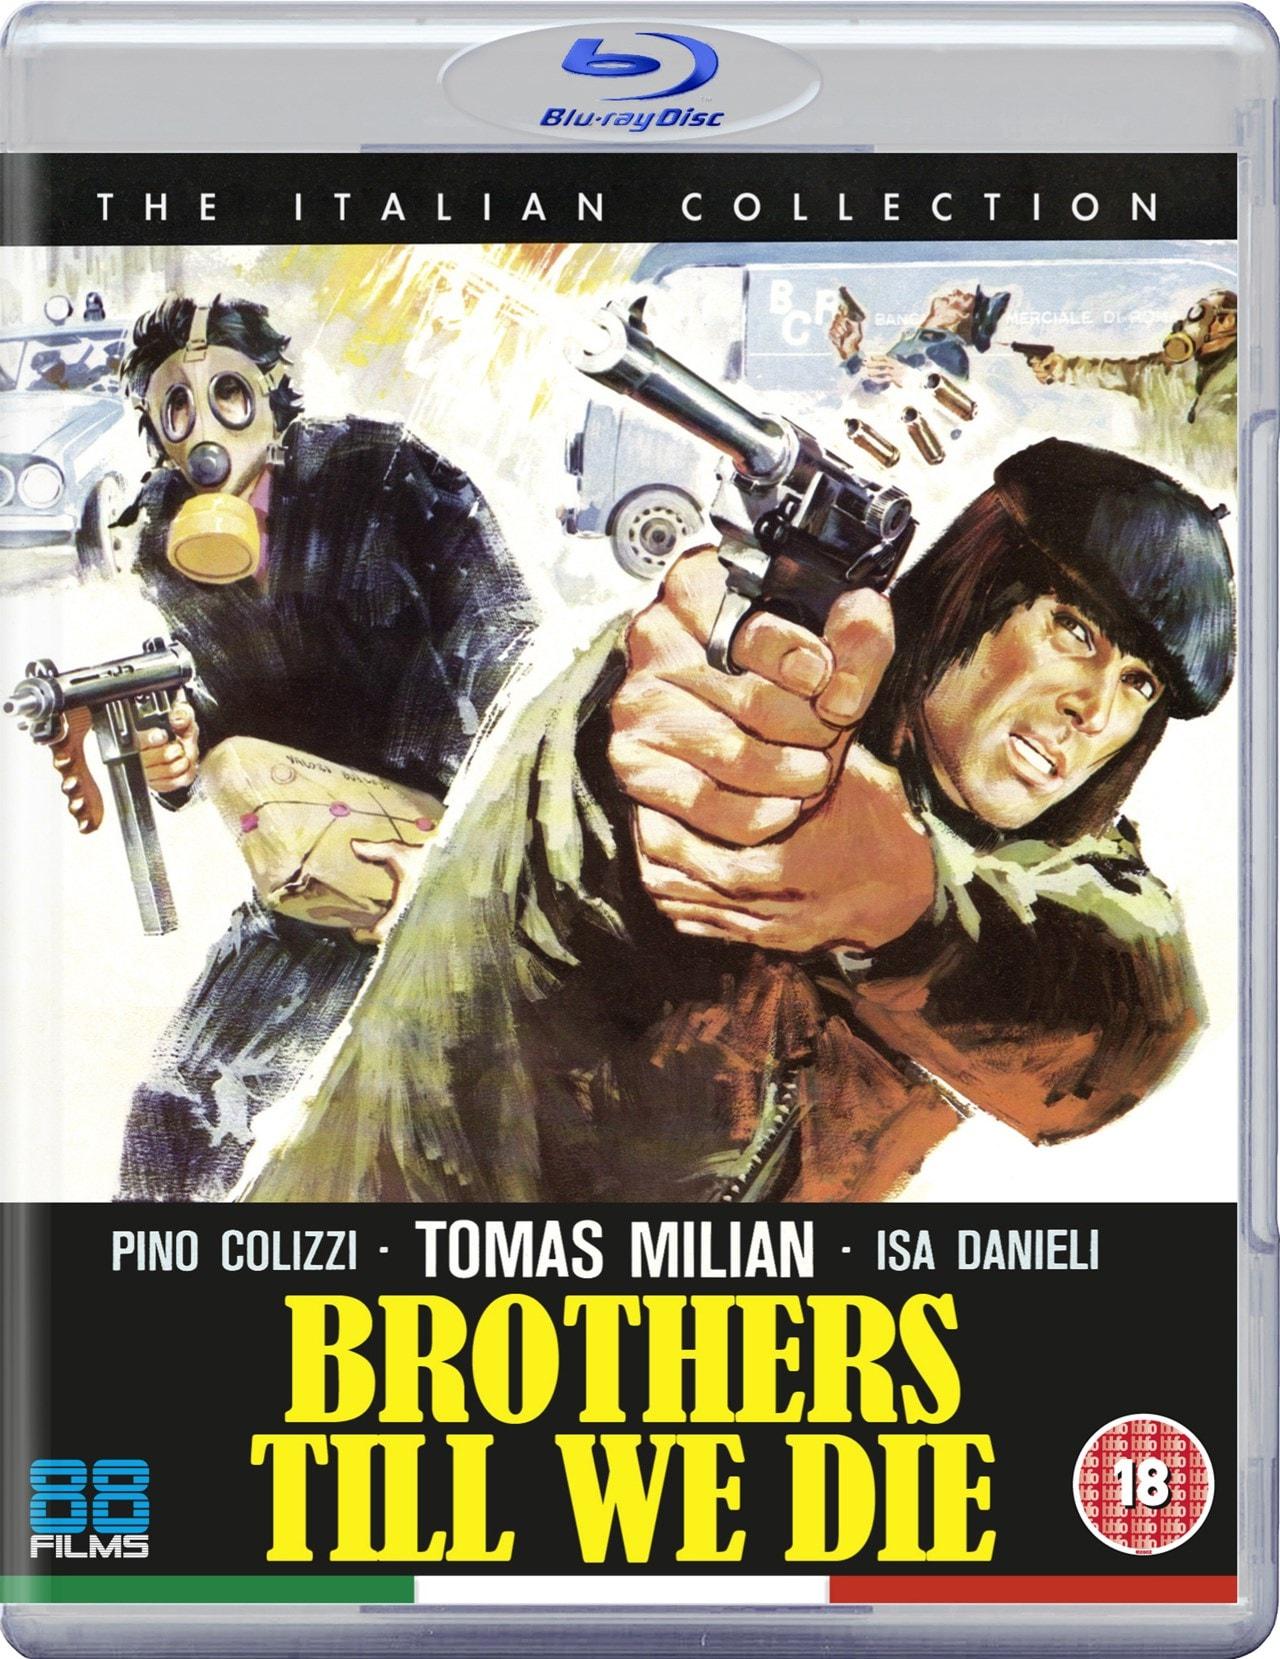 Brothers Till We Die - 1